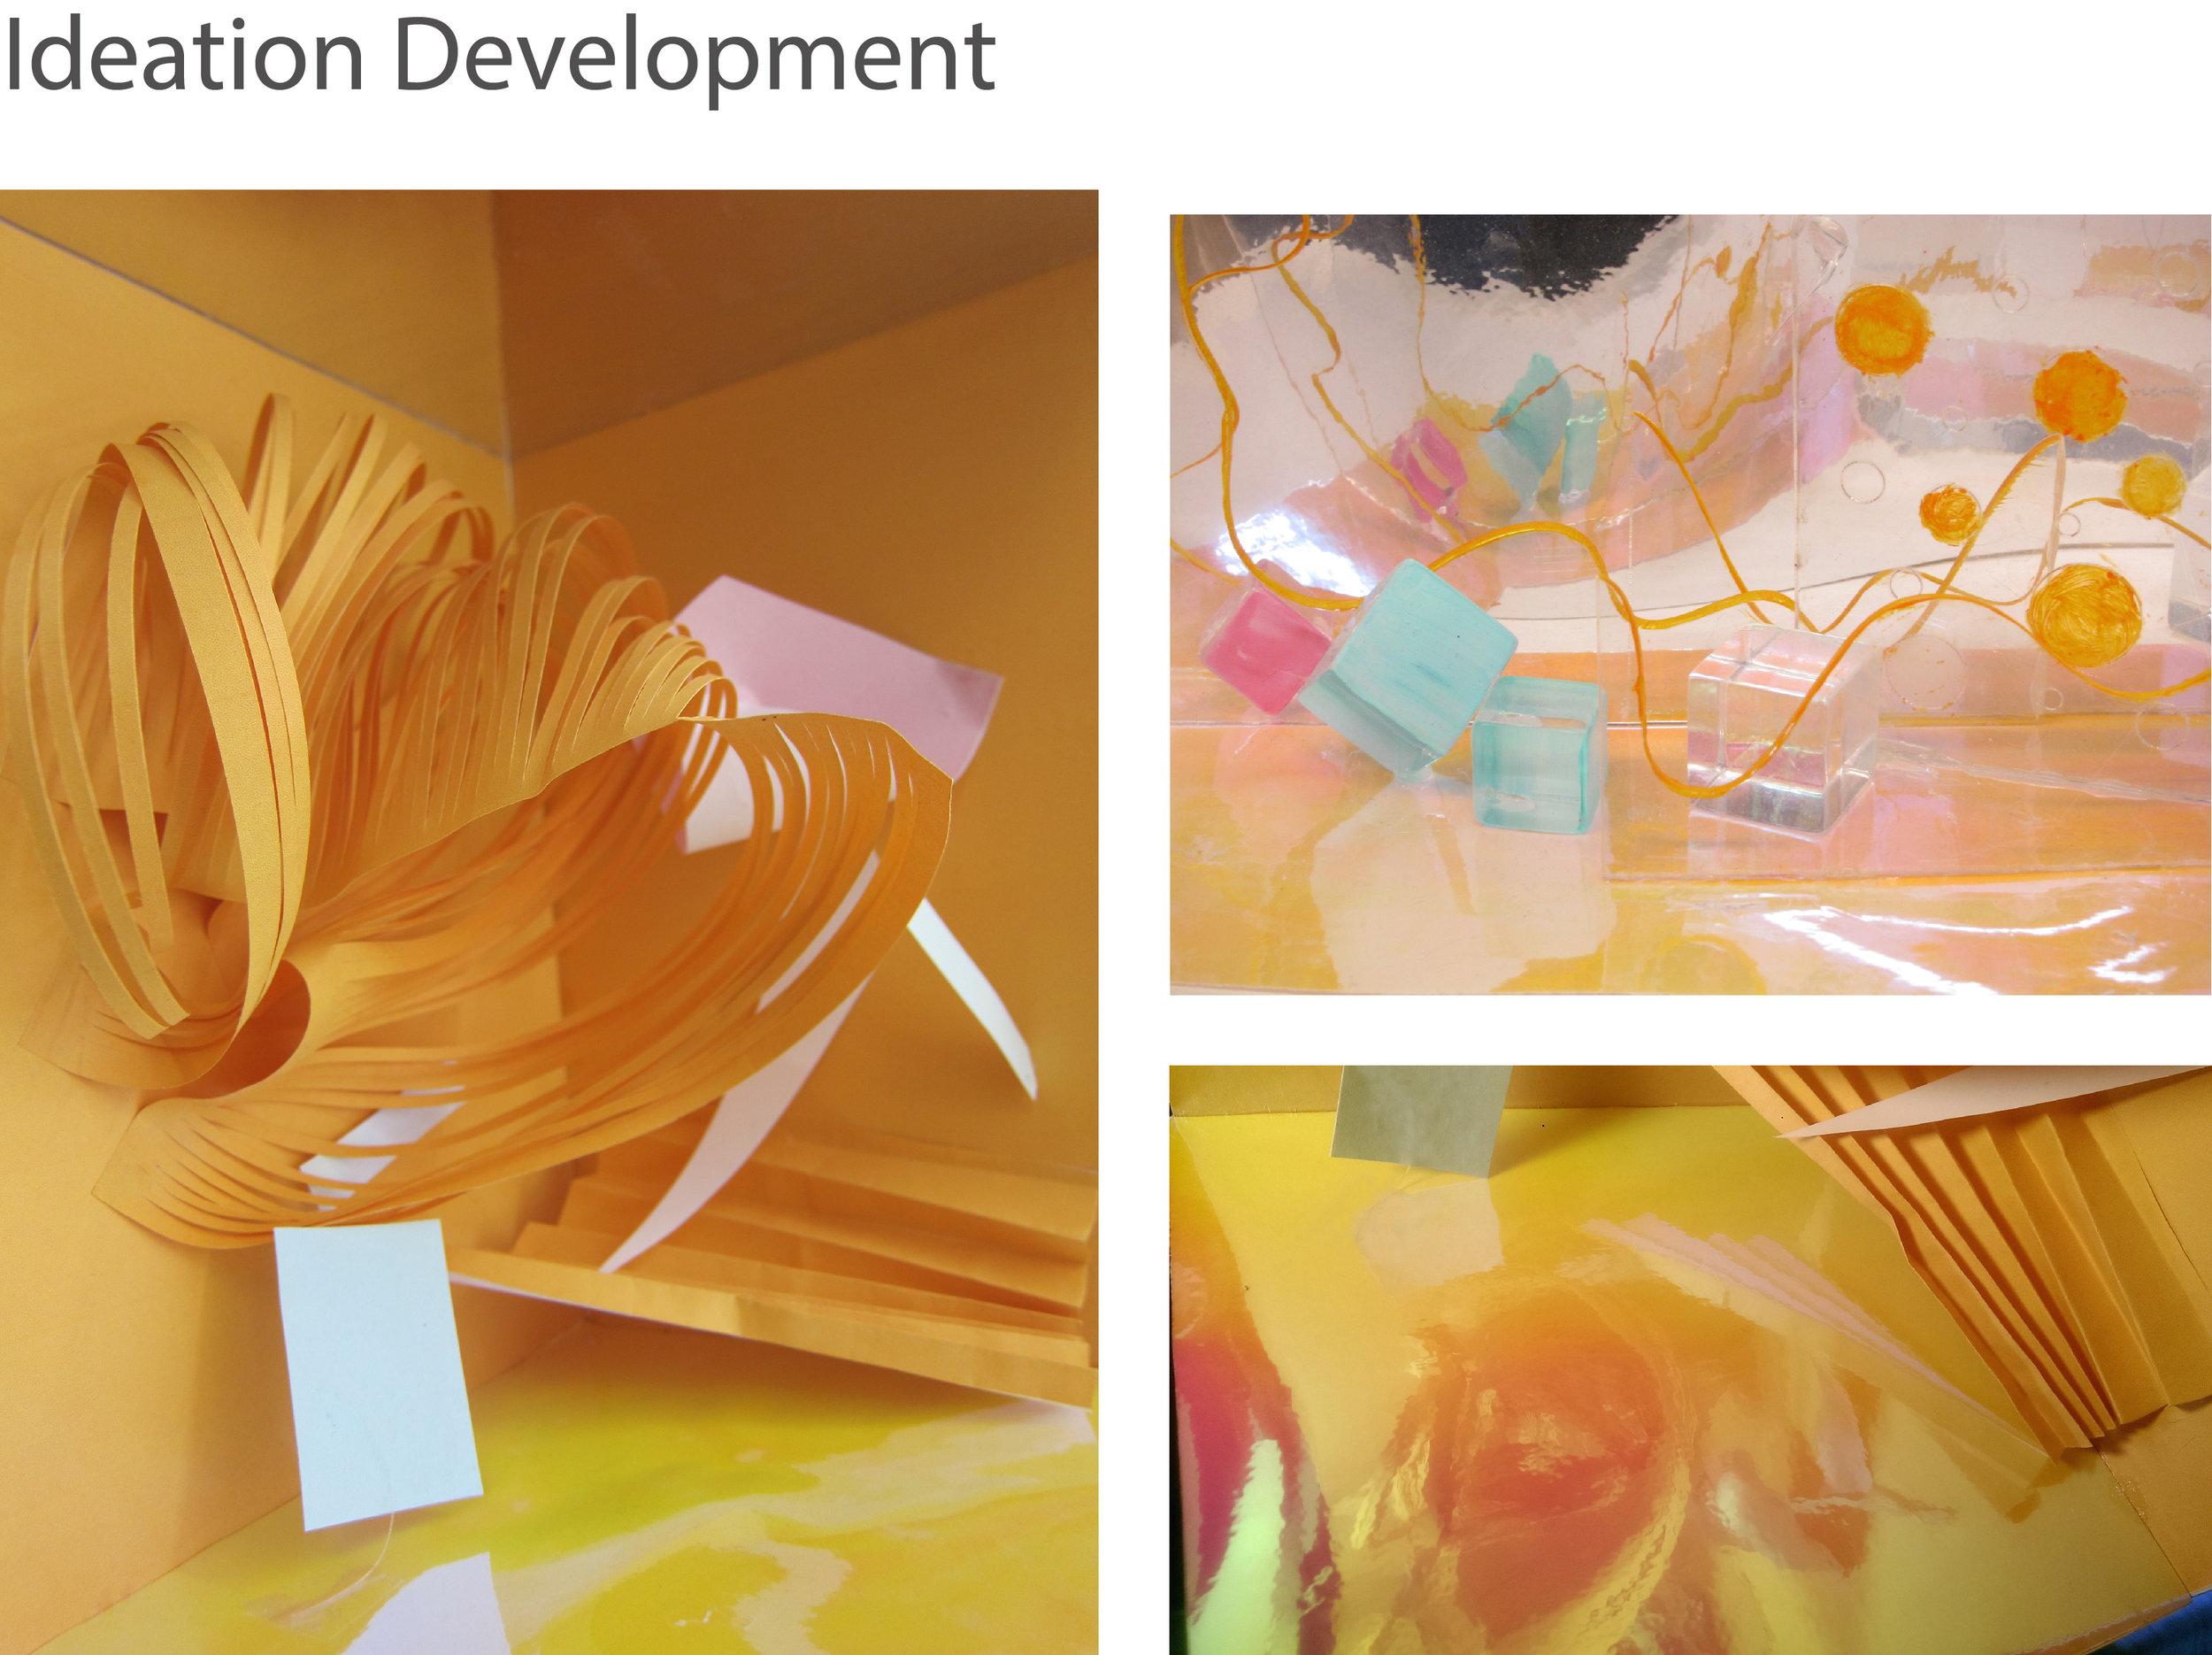 drink ideation development.jpg